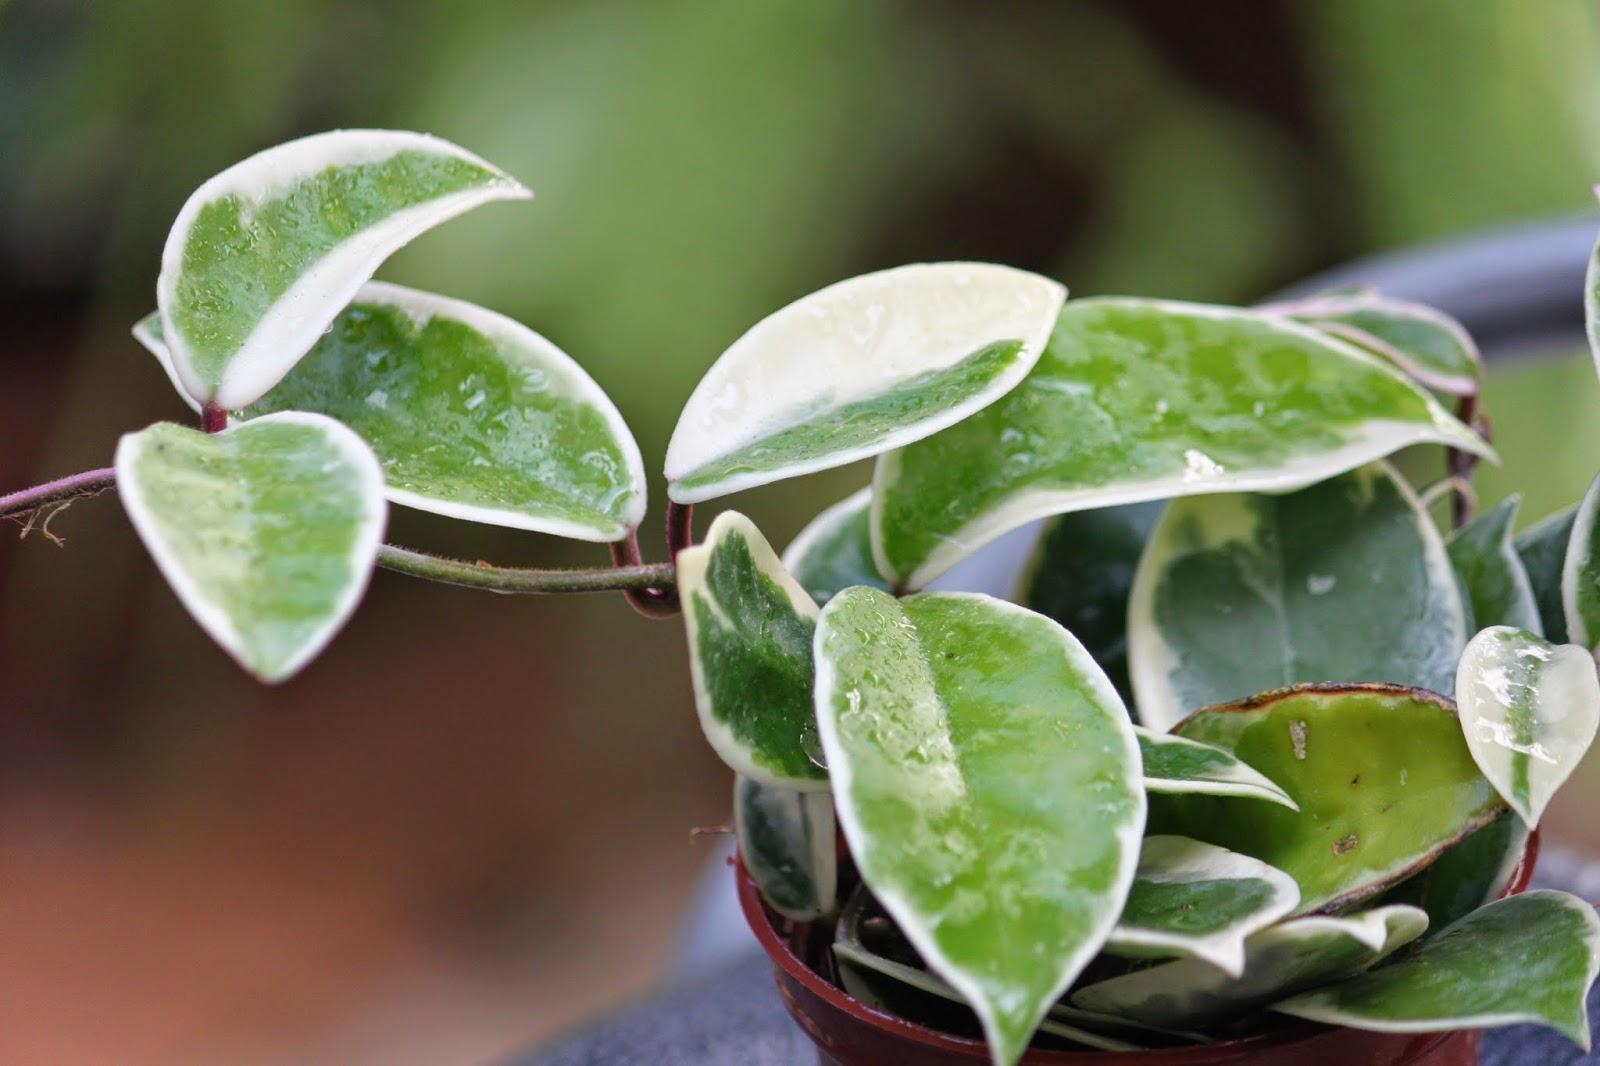 Snow的綠色世界: 斑葉毯蘭